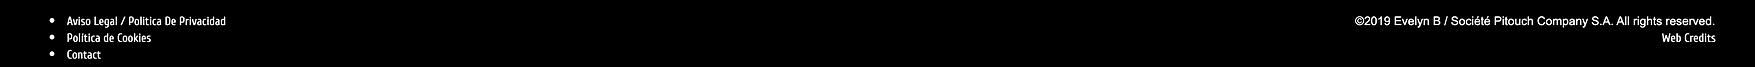 Capture d'écran 2020-05-01 à 19.11.15.